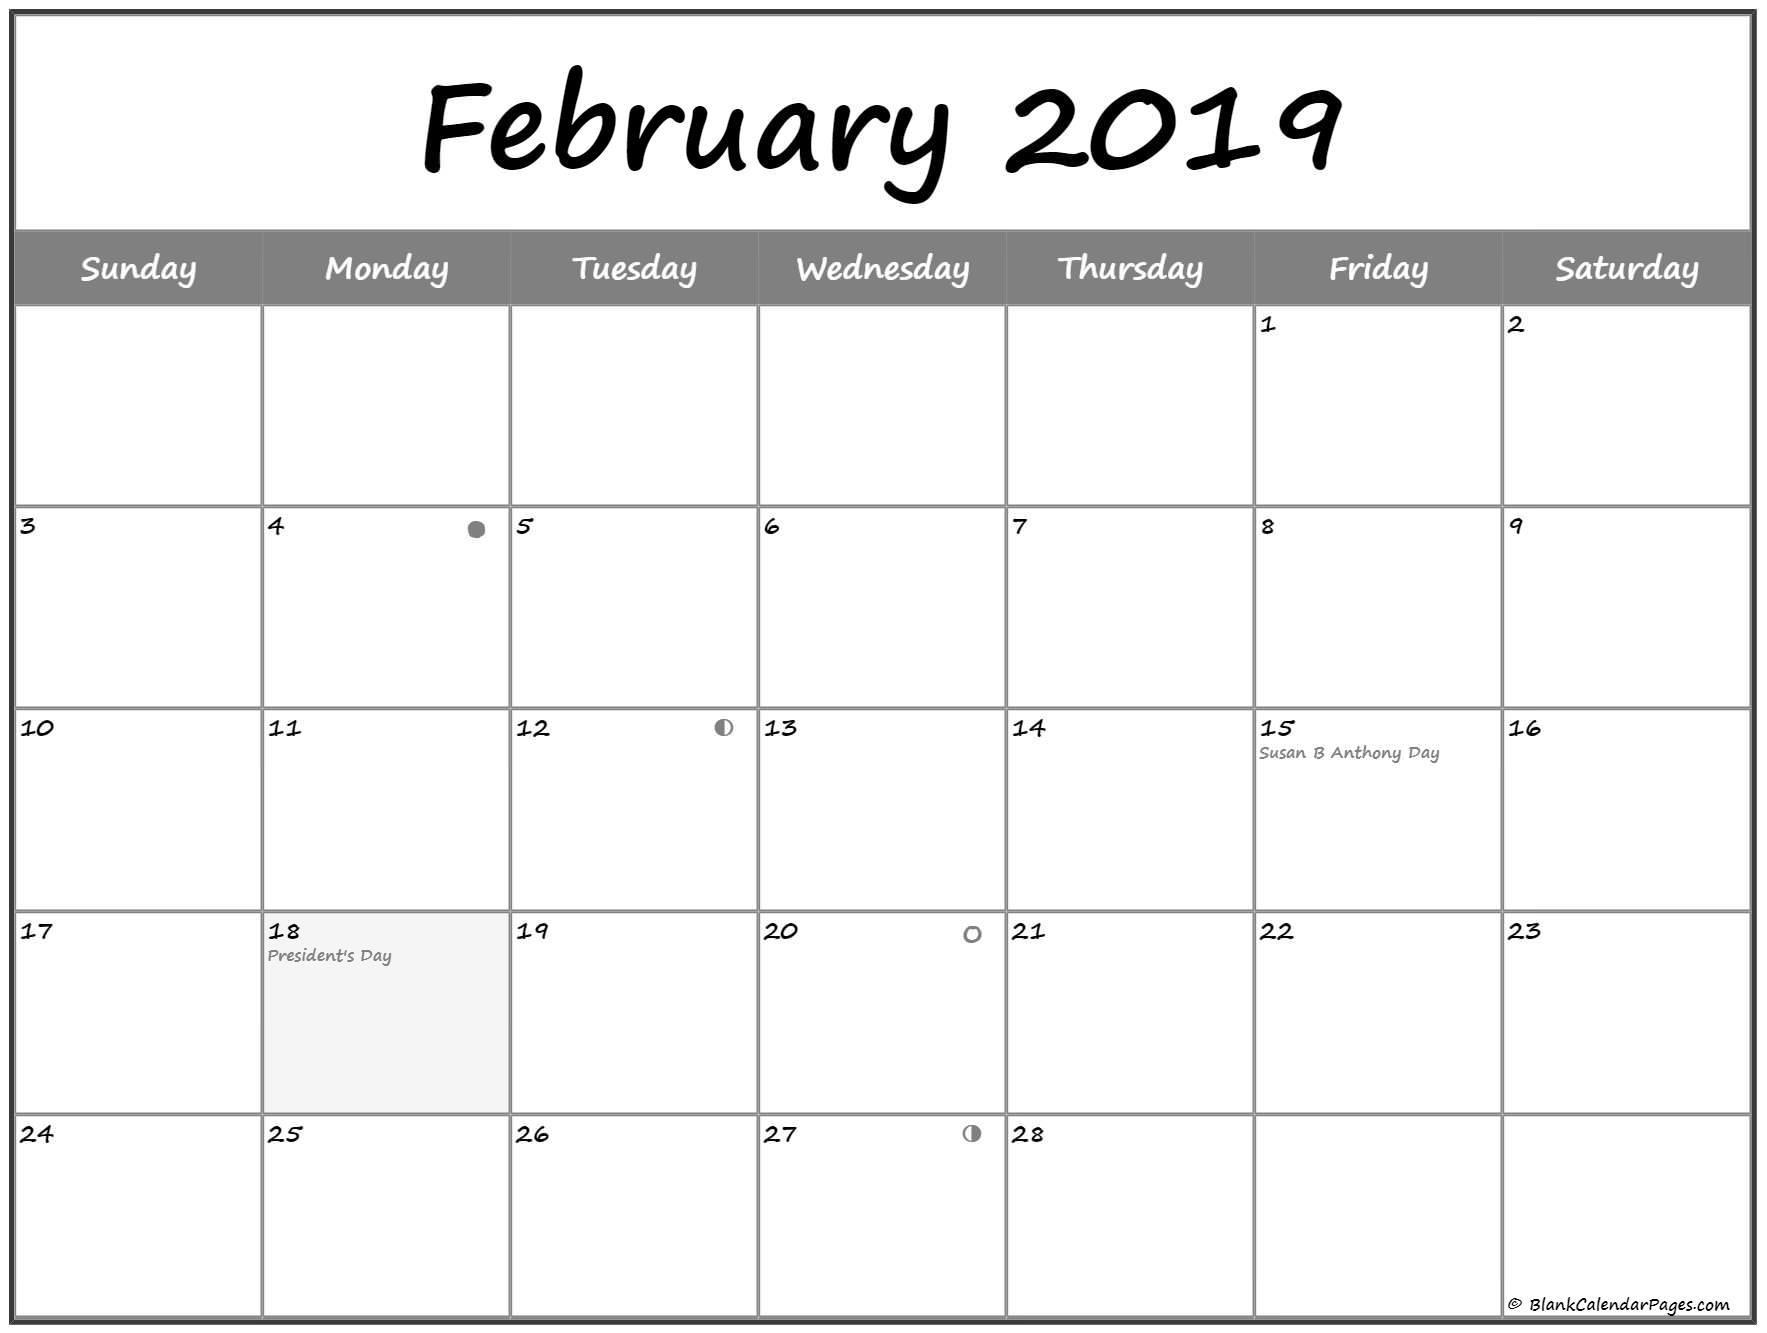 February 2019 Lunar Calendar